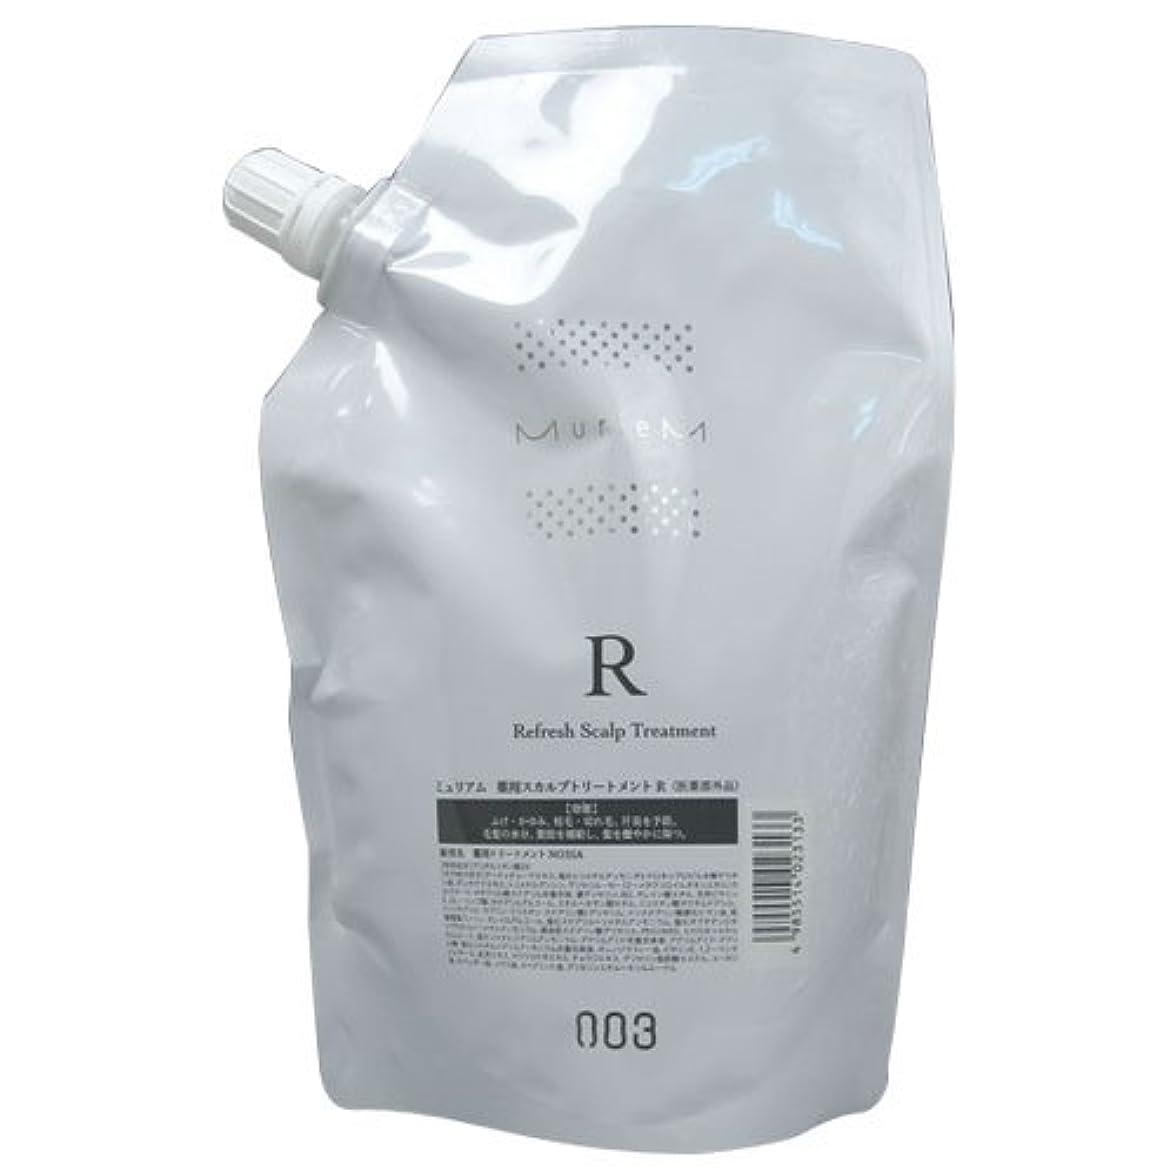 保証保証空白ナンバースリー ミュリアム 薬用スカルプトリートメントR 500g レフィル